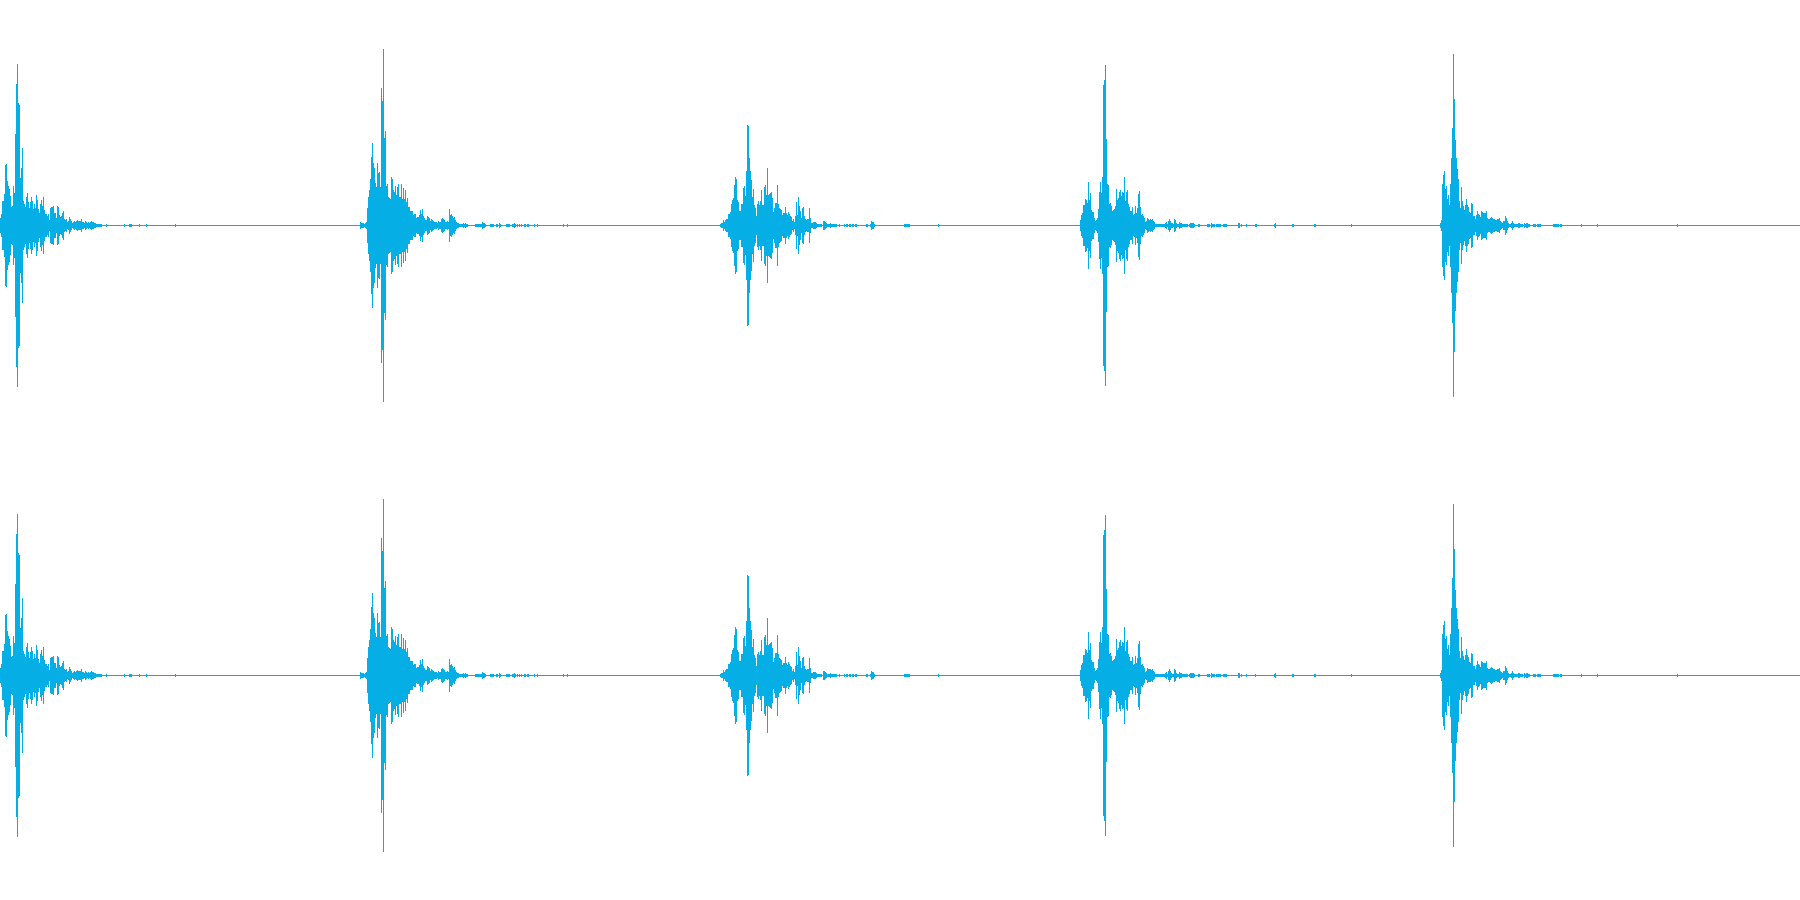 神楽鈴(小)を強く振って鳴らした音の再生済みの波形